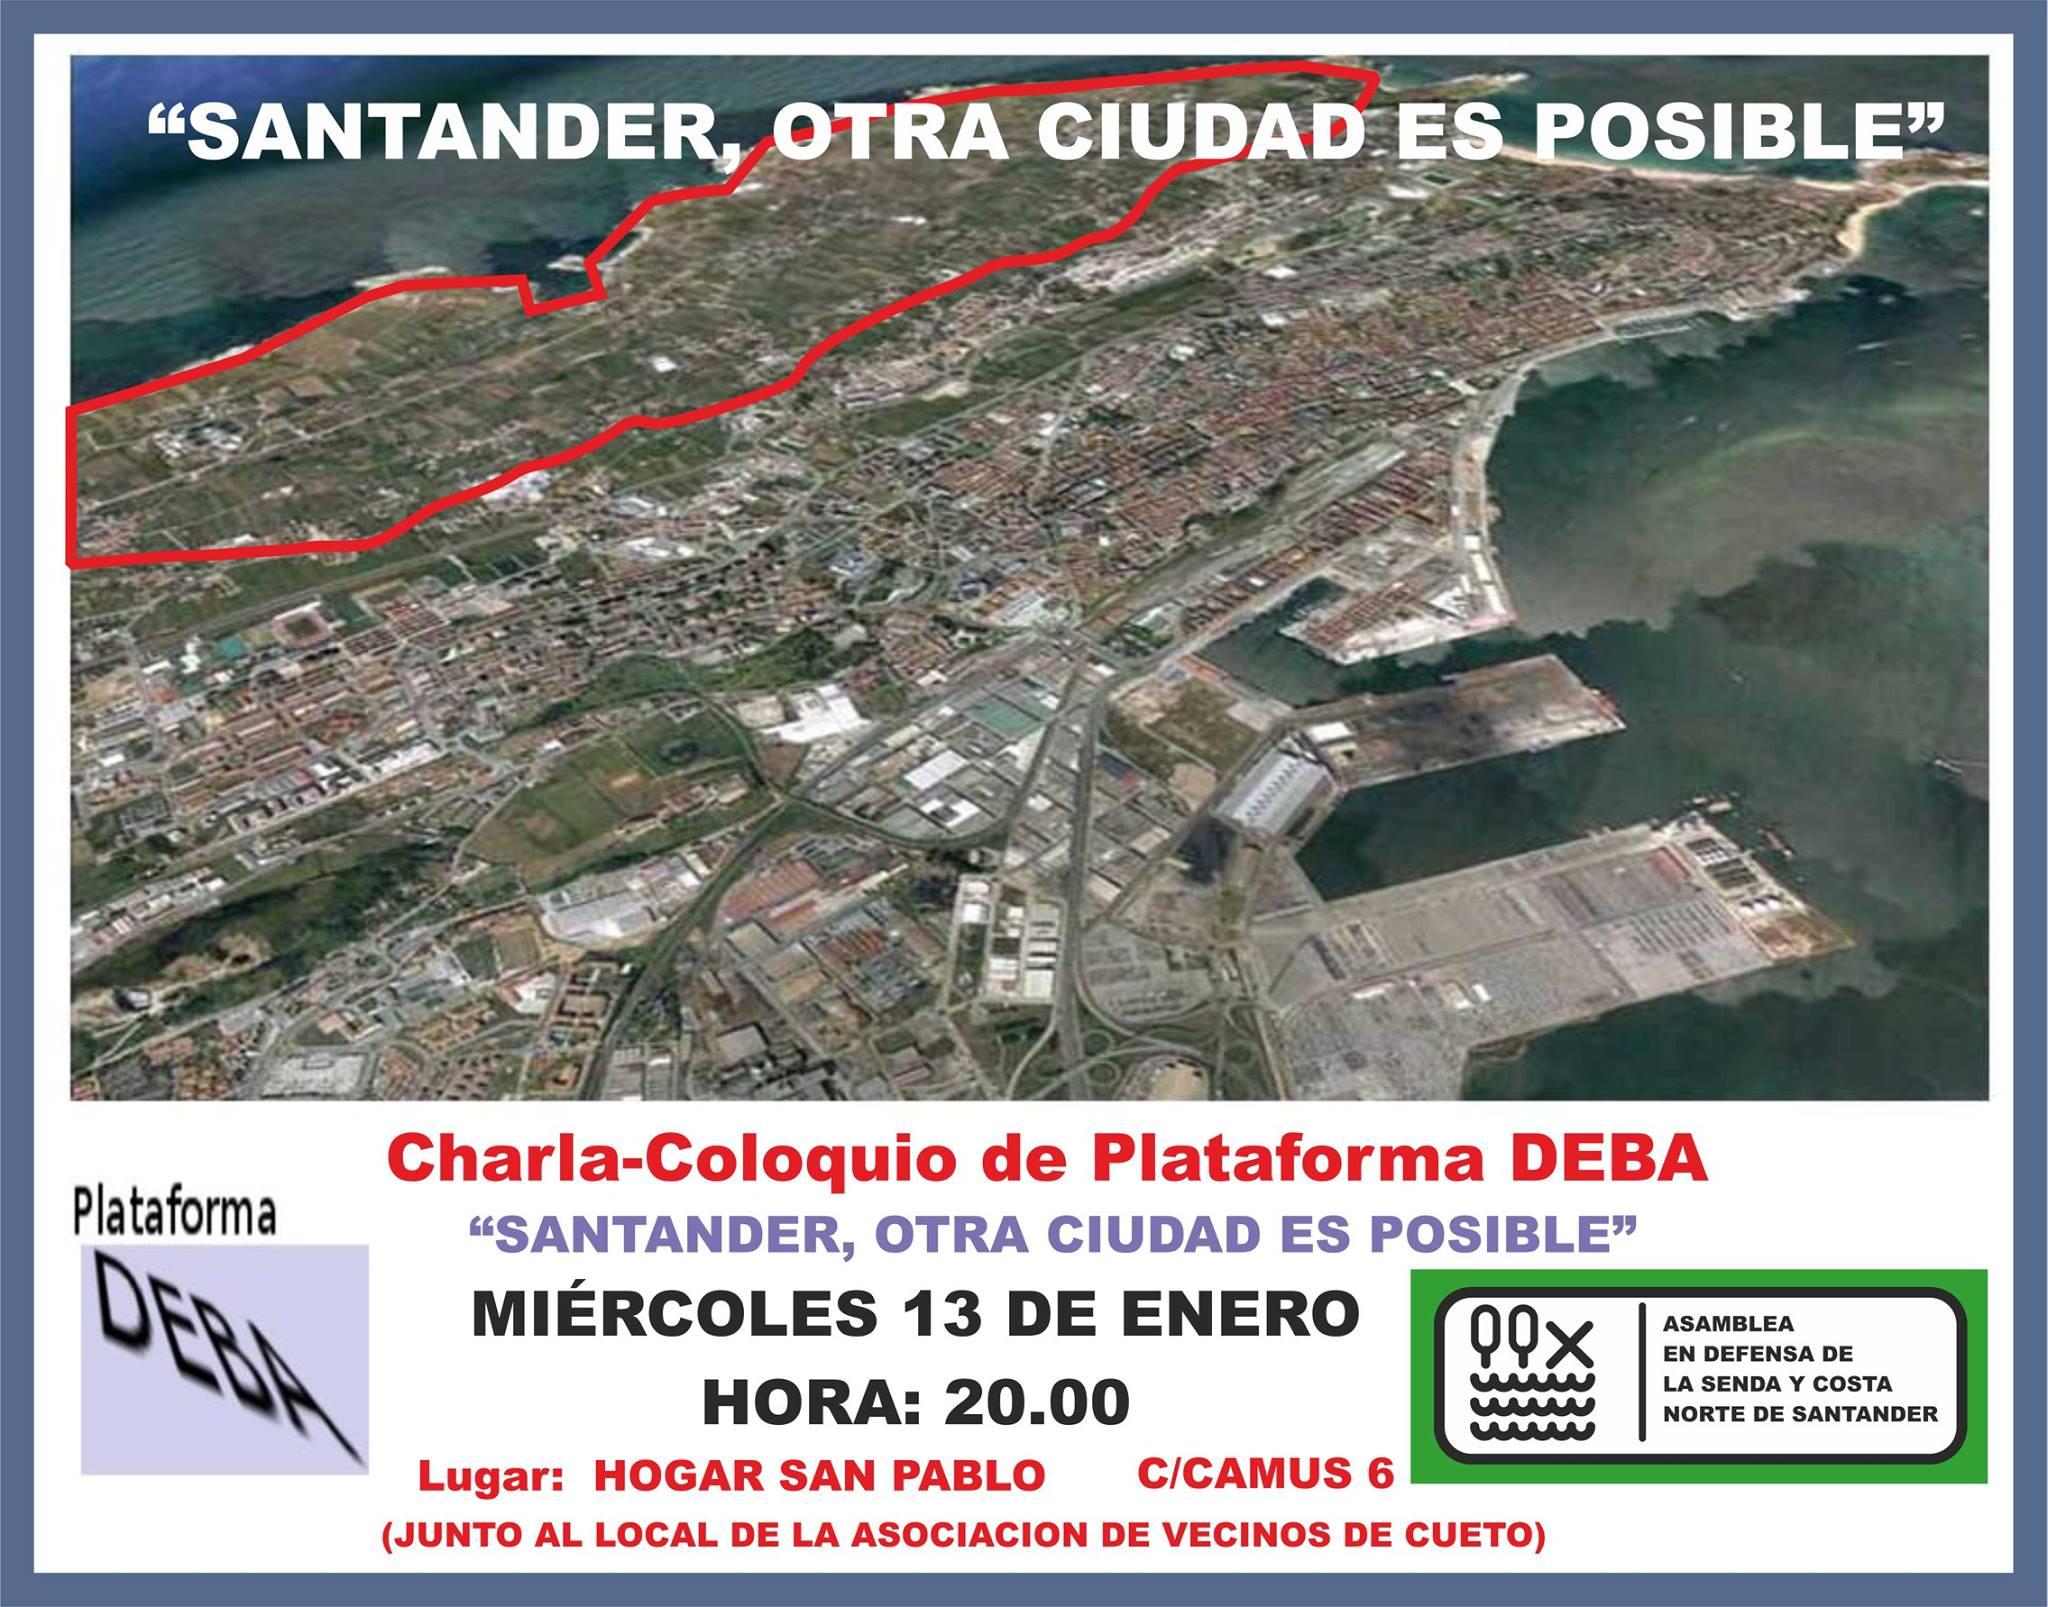 La  charla-coloquio 'Santander, otra ciudad es posible' se ha realizado en diferentes lugares de Santander.